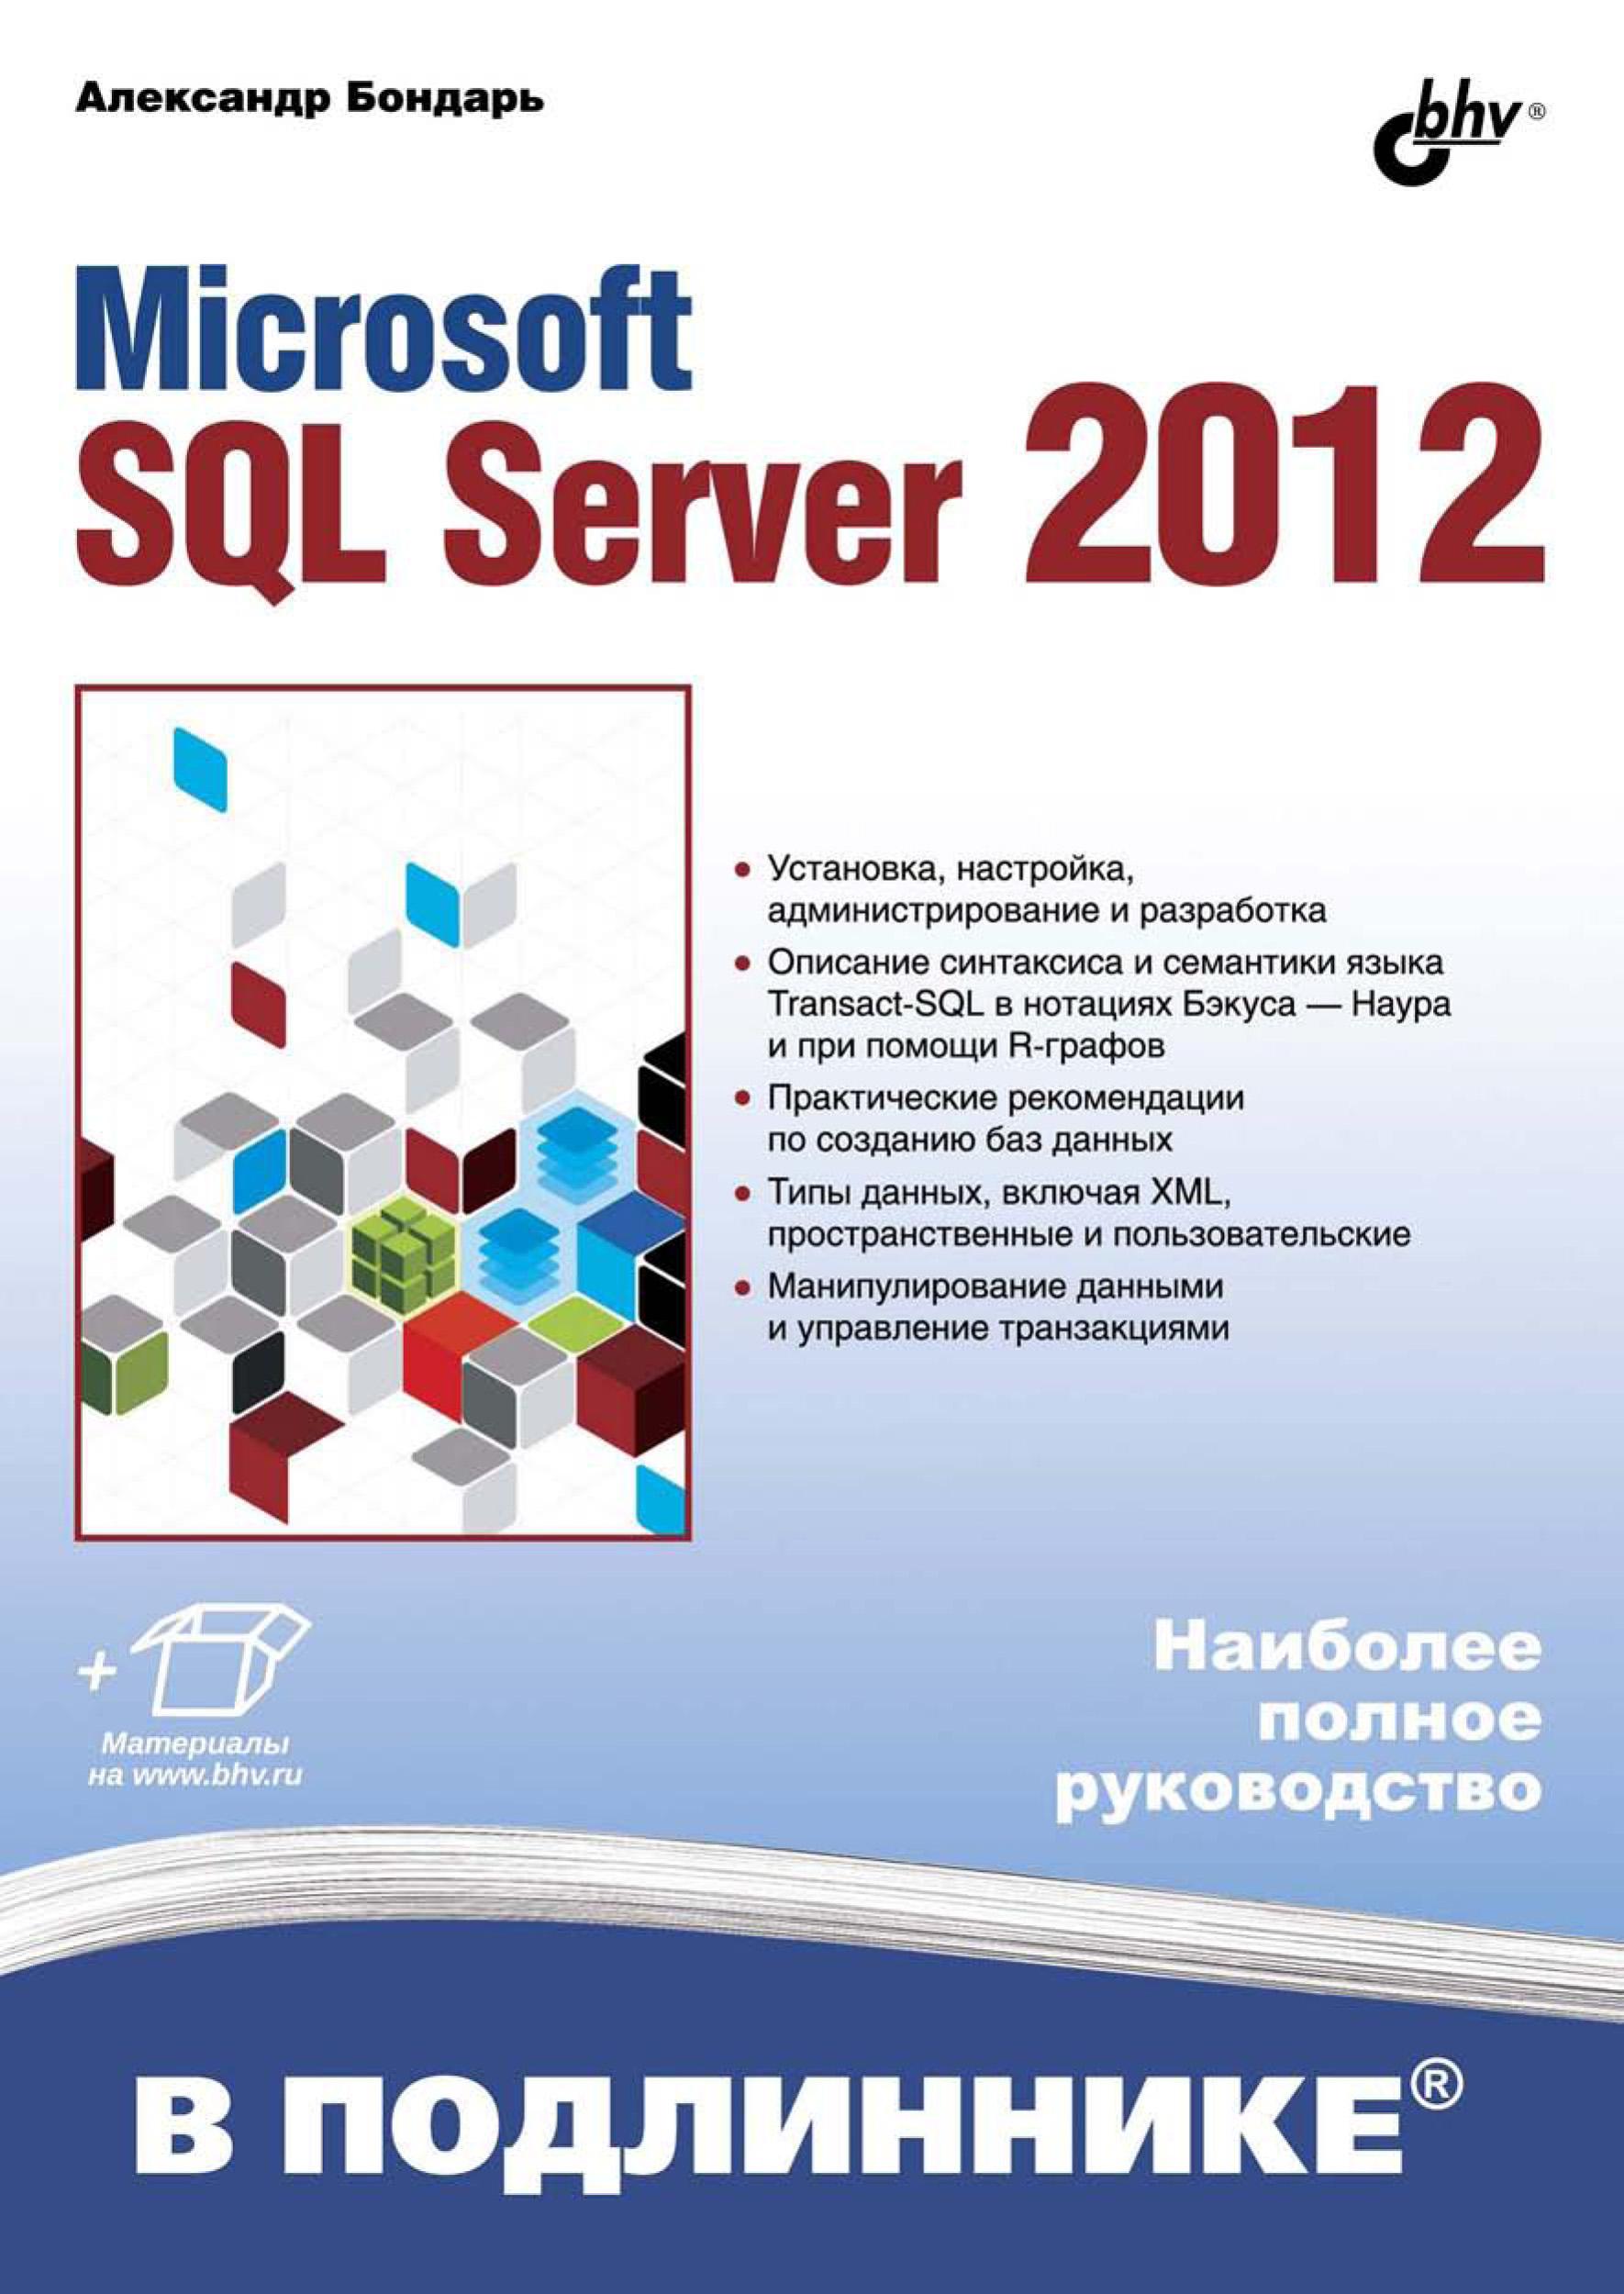 Александр Бондарь Microsoft SQL Server 2012 михаил фленов transact sql